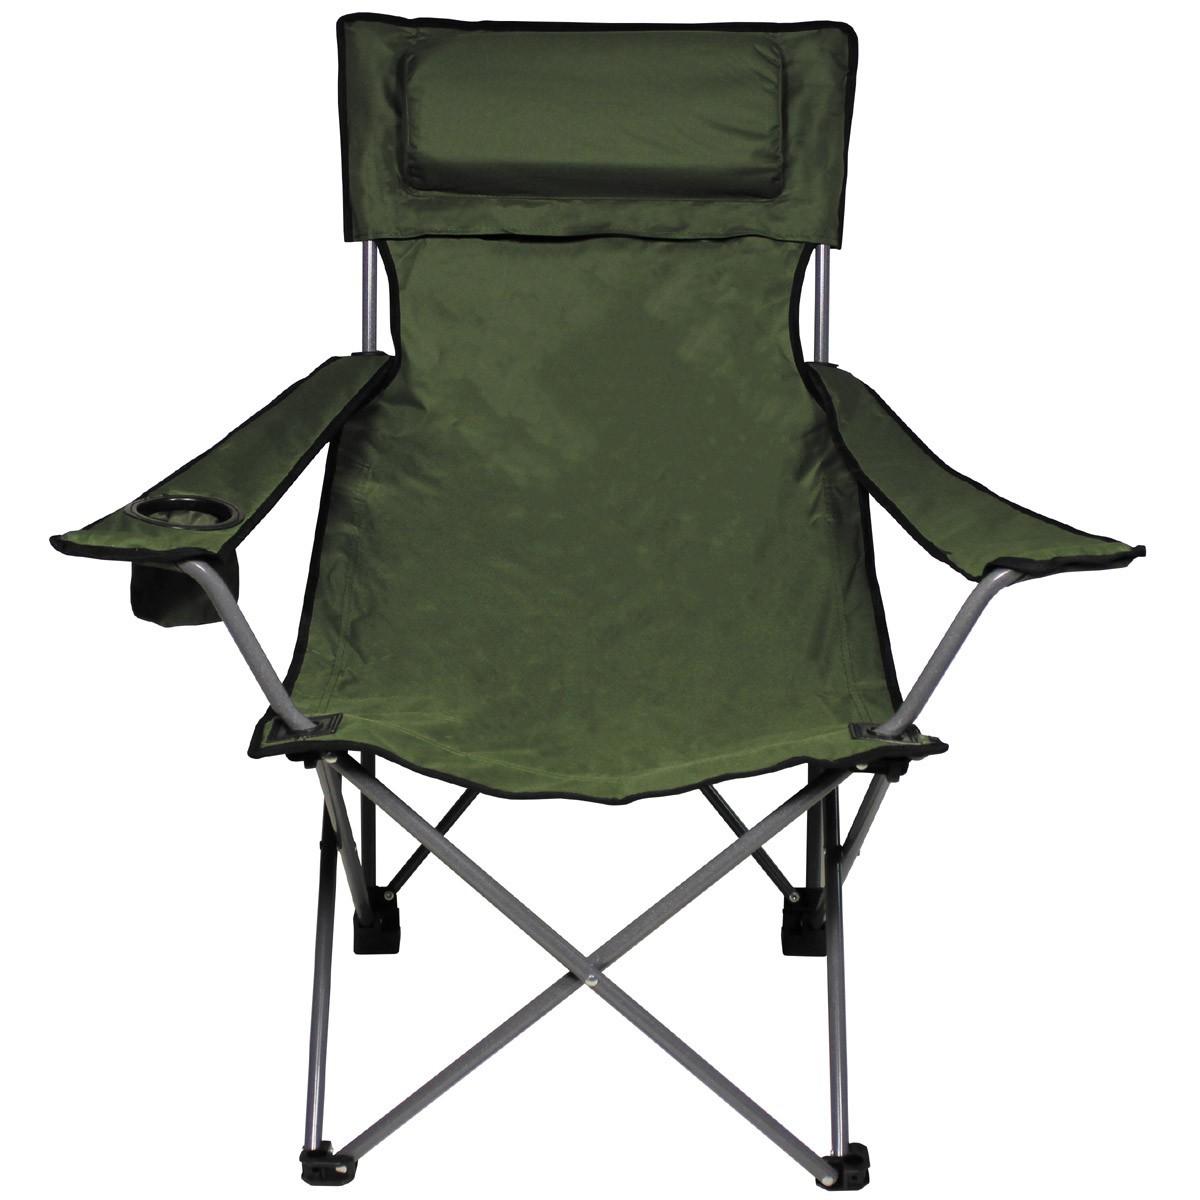 Alvorlig MFH Camping Stol Grön - Övriga artiklar - Övrigt UH-44